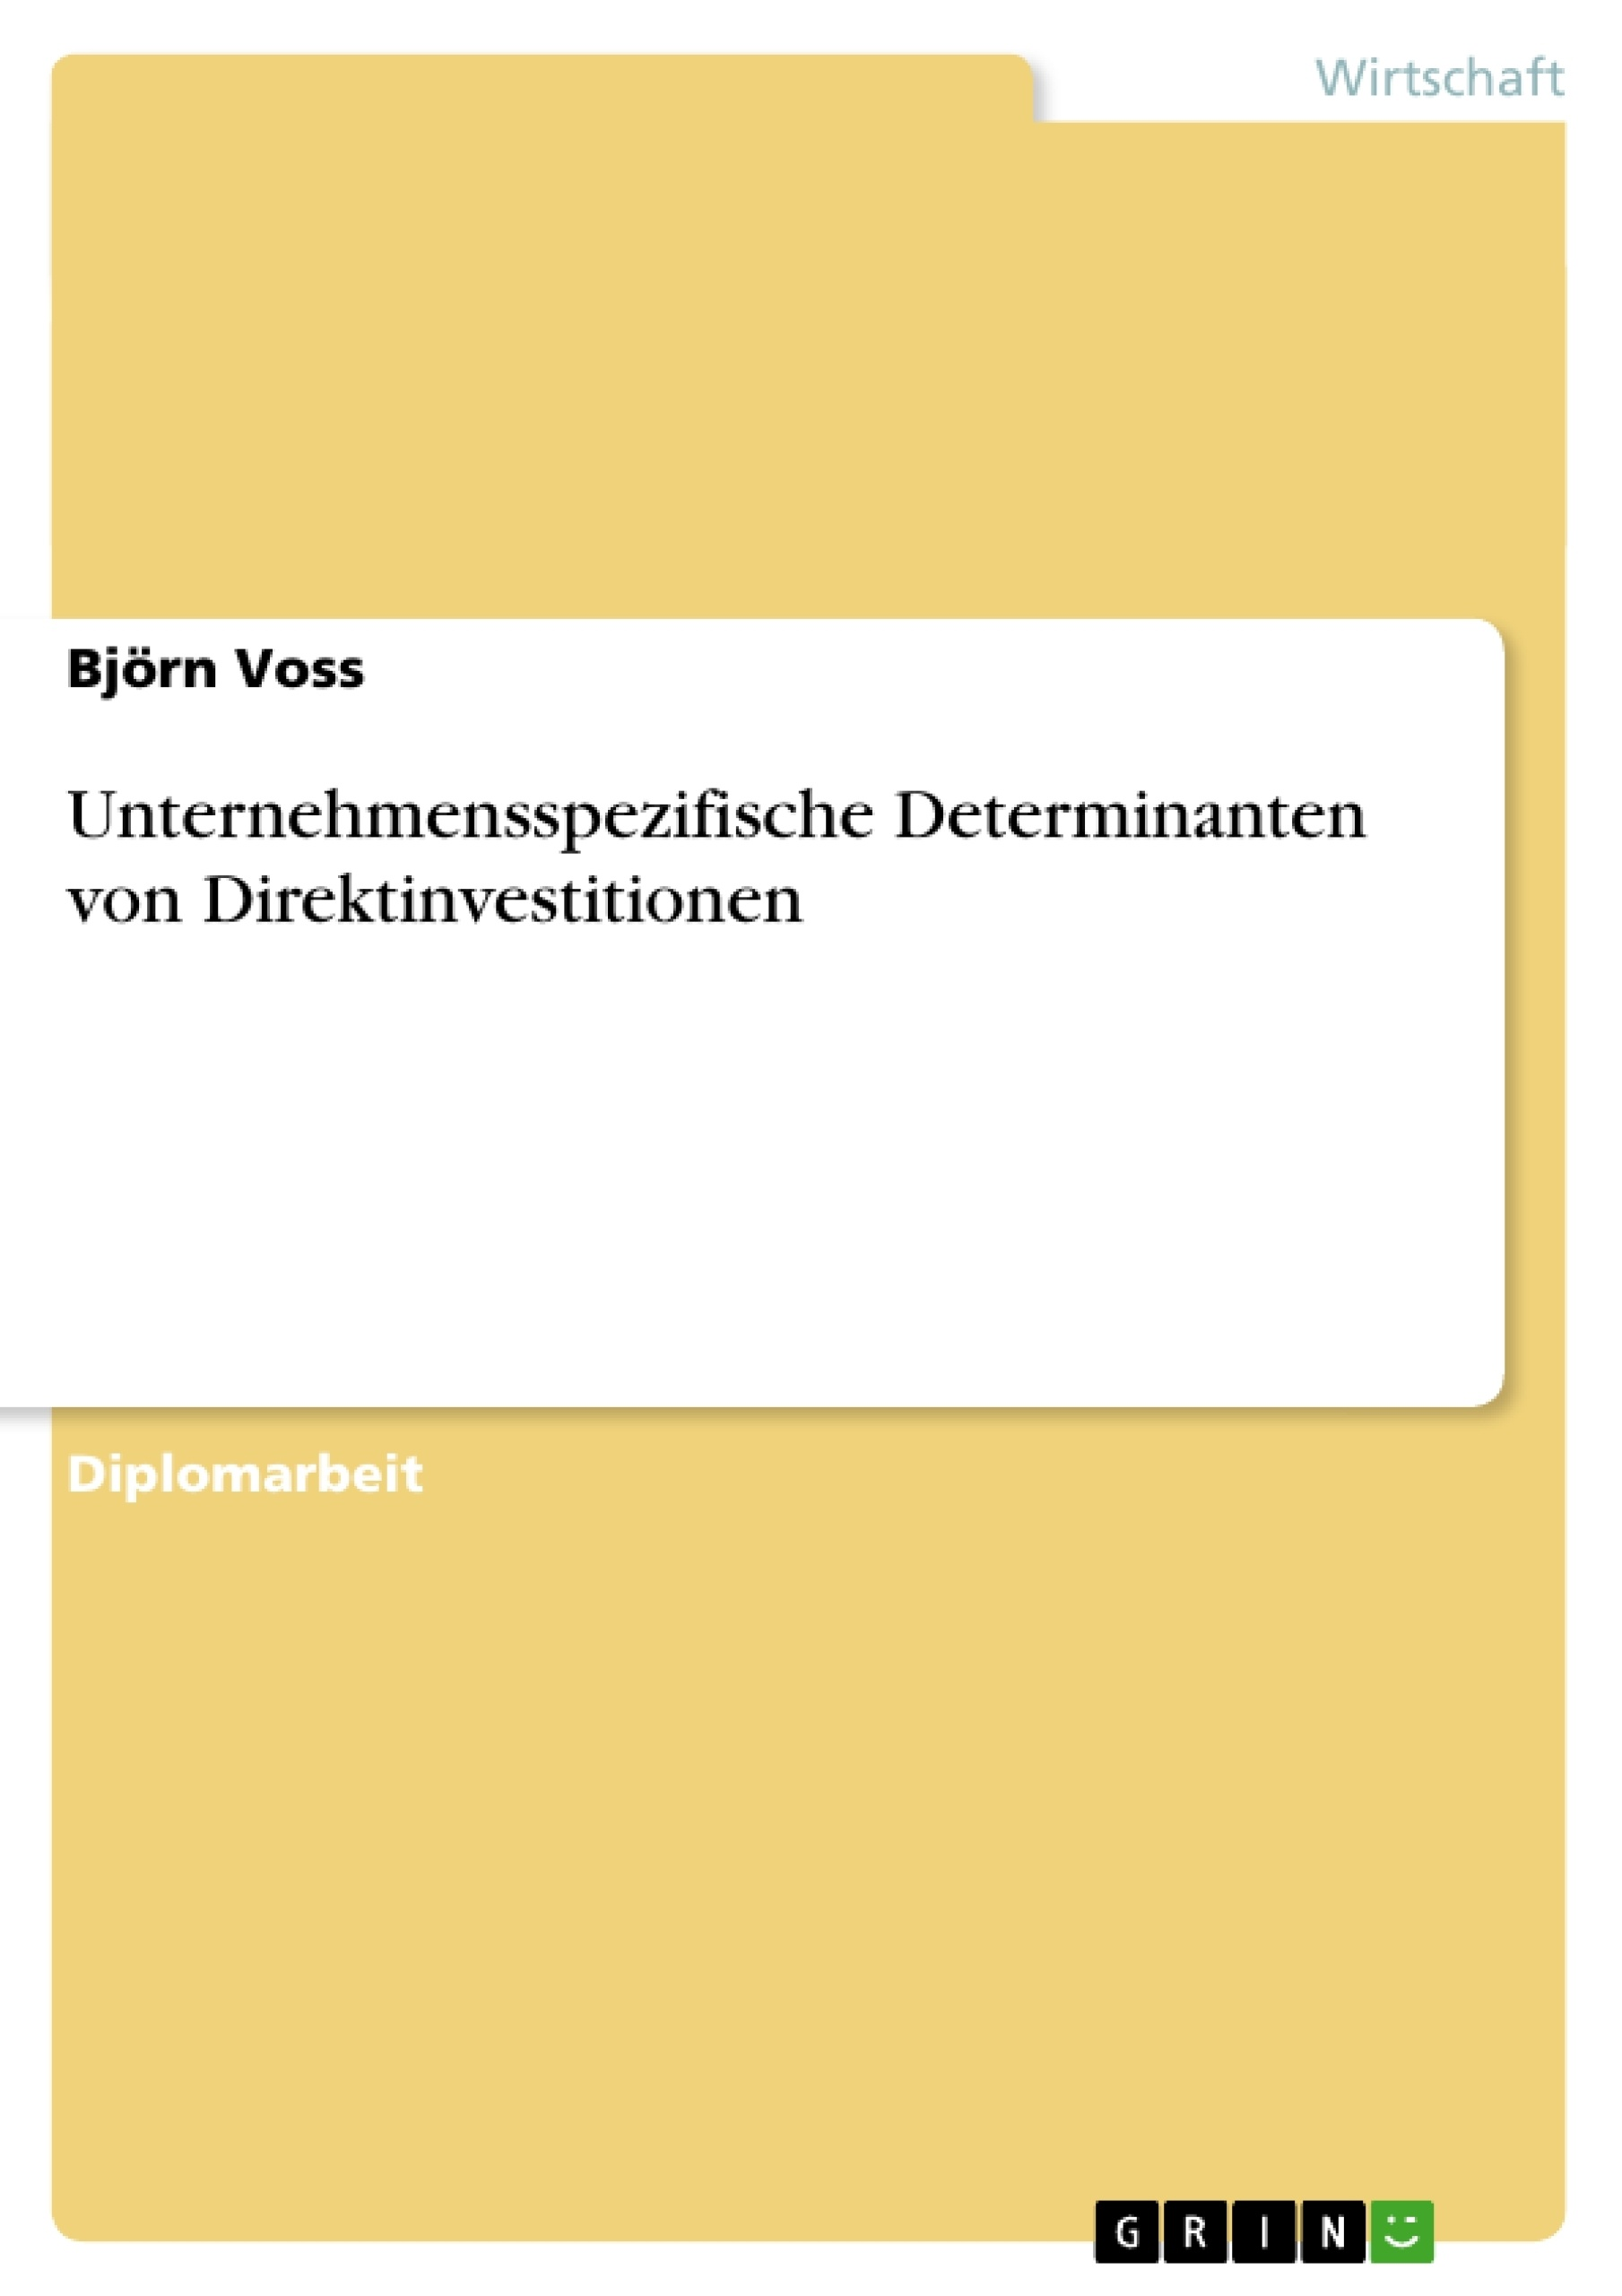 Titel: Unternehmensspezifische Determinanten von Direktinvestitionen